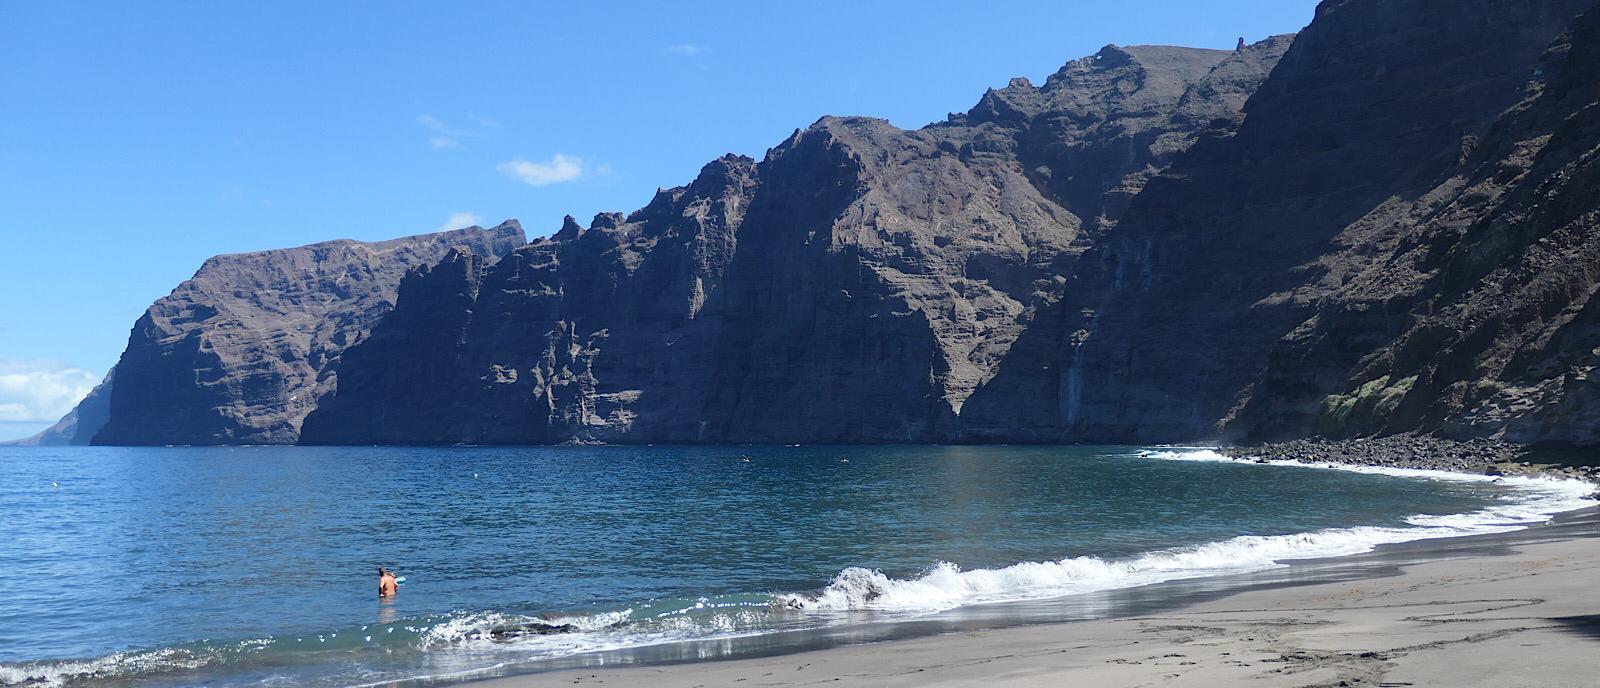 Dónde alojarse en Tenerife 🏨